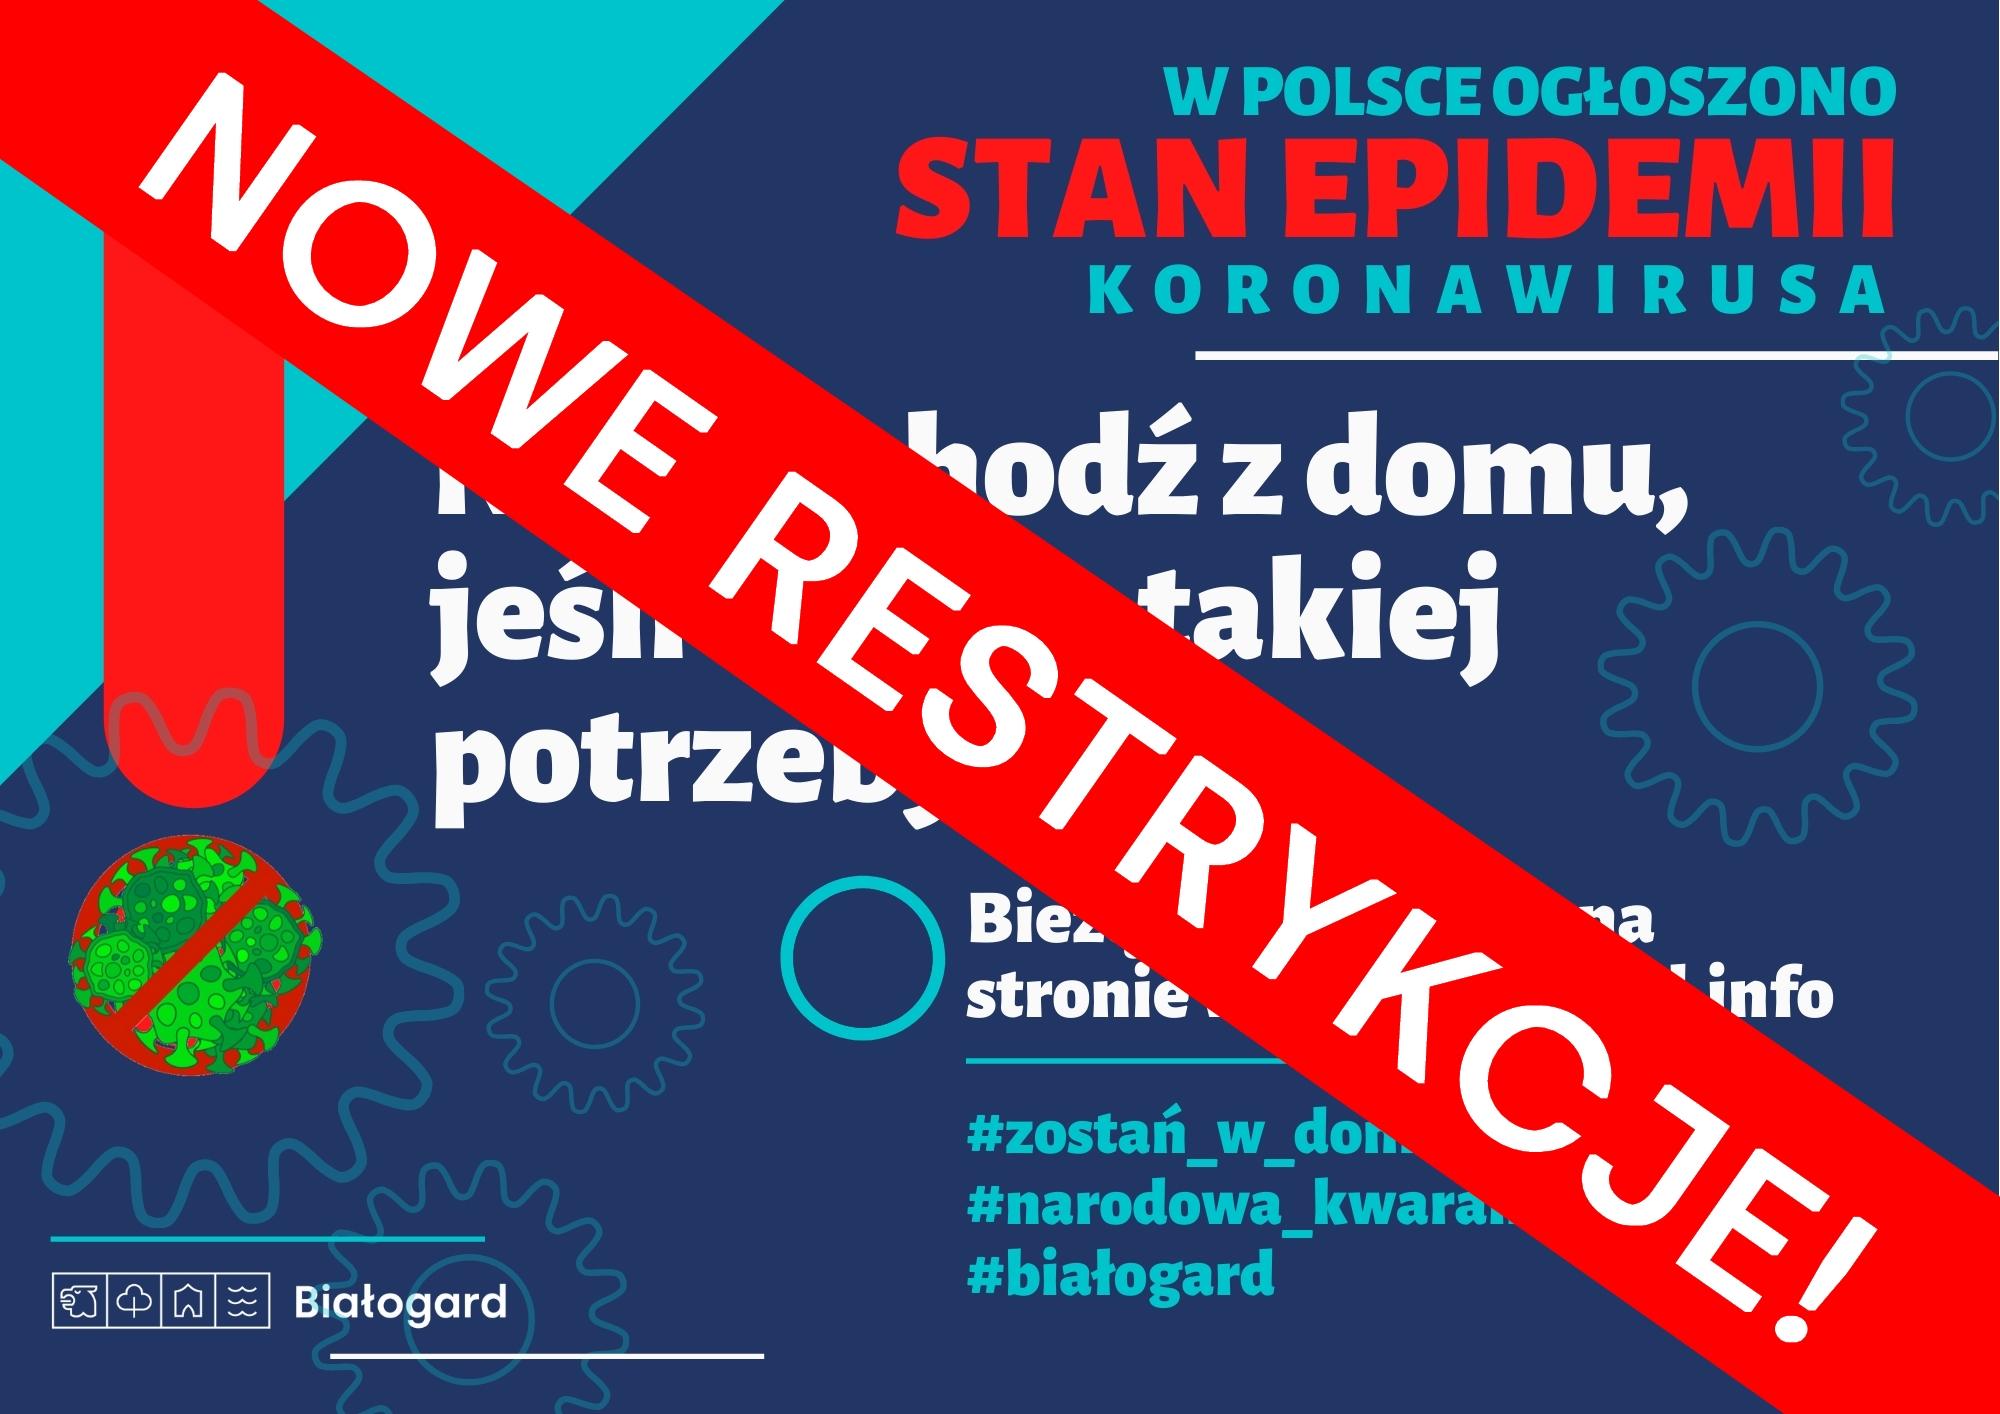 KORONAWIRUS. Nowe obostrzenia! #zostanwdomu, Miasto Białogard